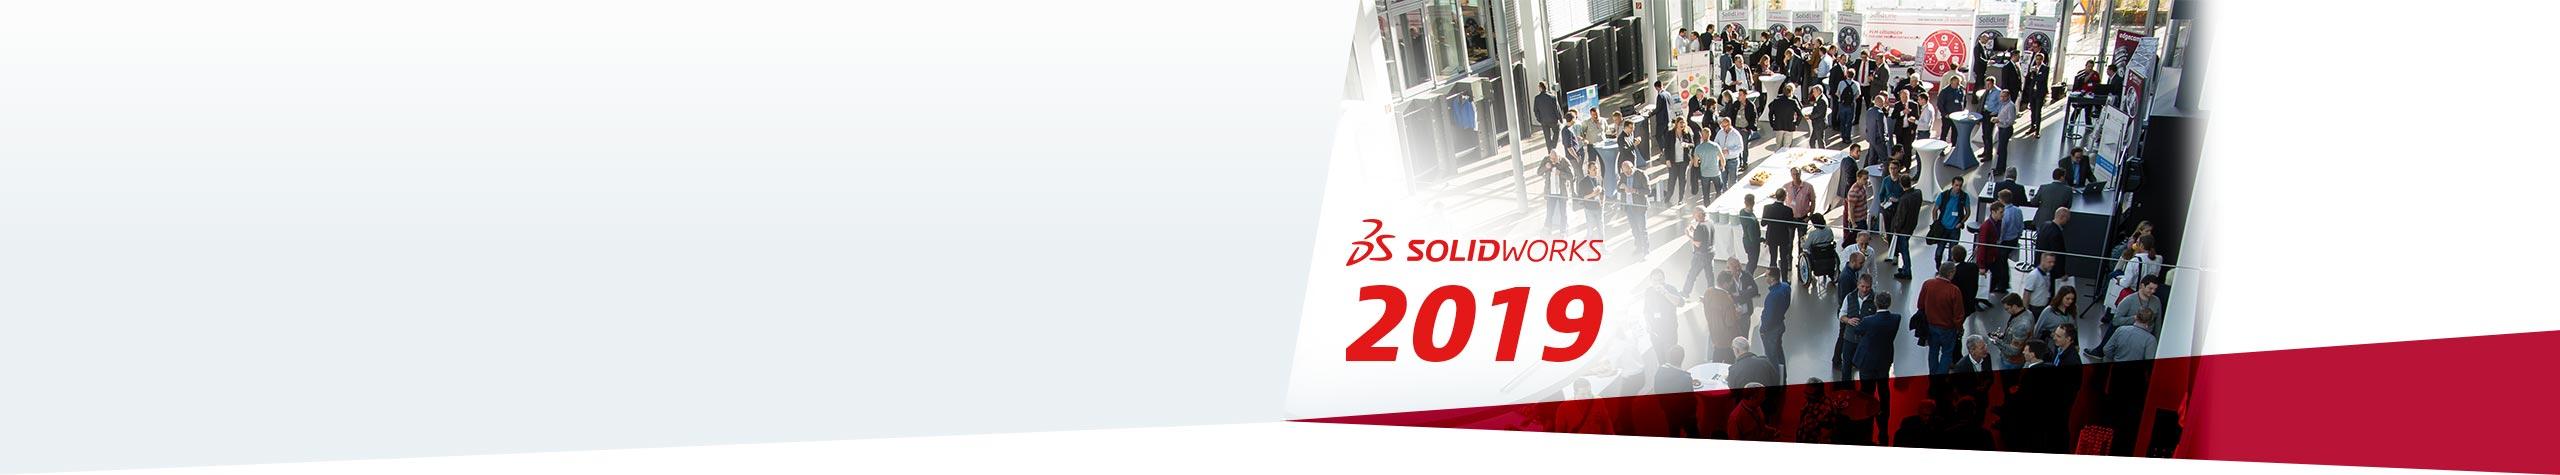 SOLIDWORKS 2019 Erleben Sie die Highlights auf unseren Launch-Events. Zu den Events